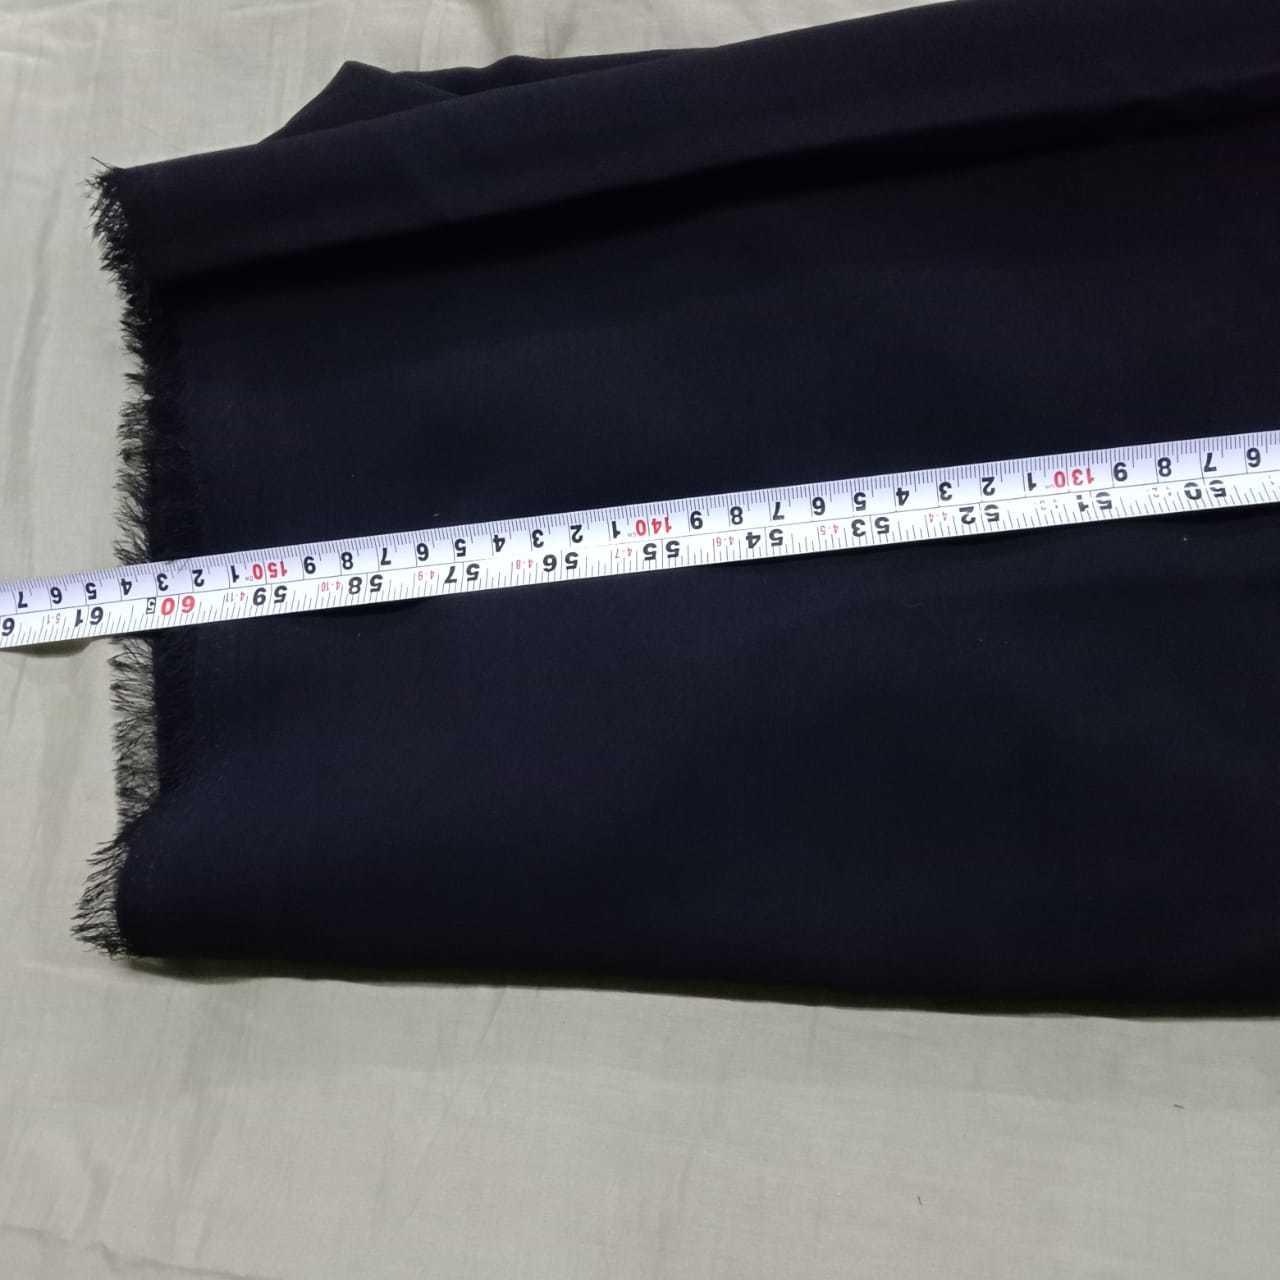 Urs E Qayat (Nida Fabrics)